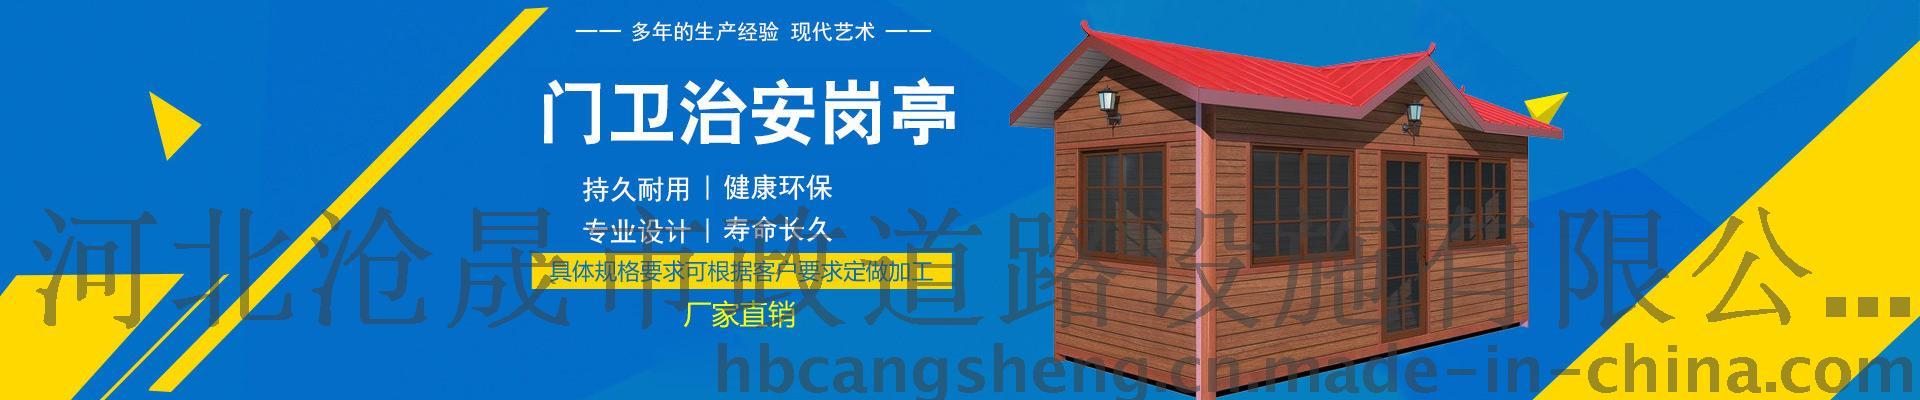 河北滄晟市政道路設施有限公司